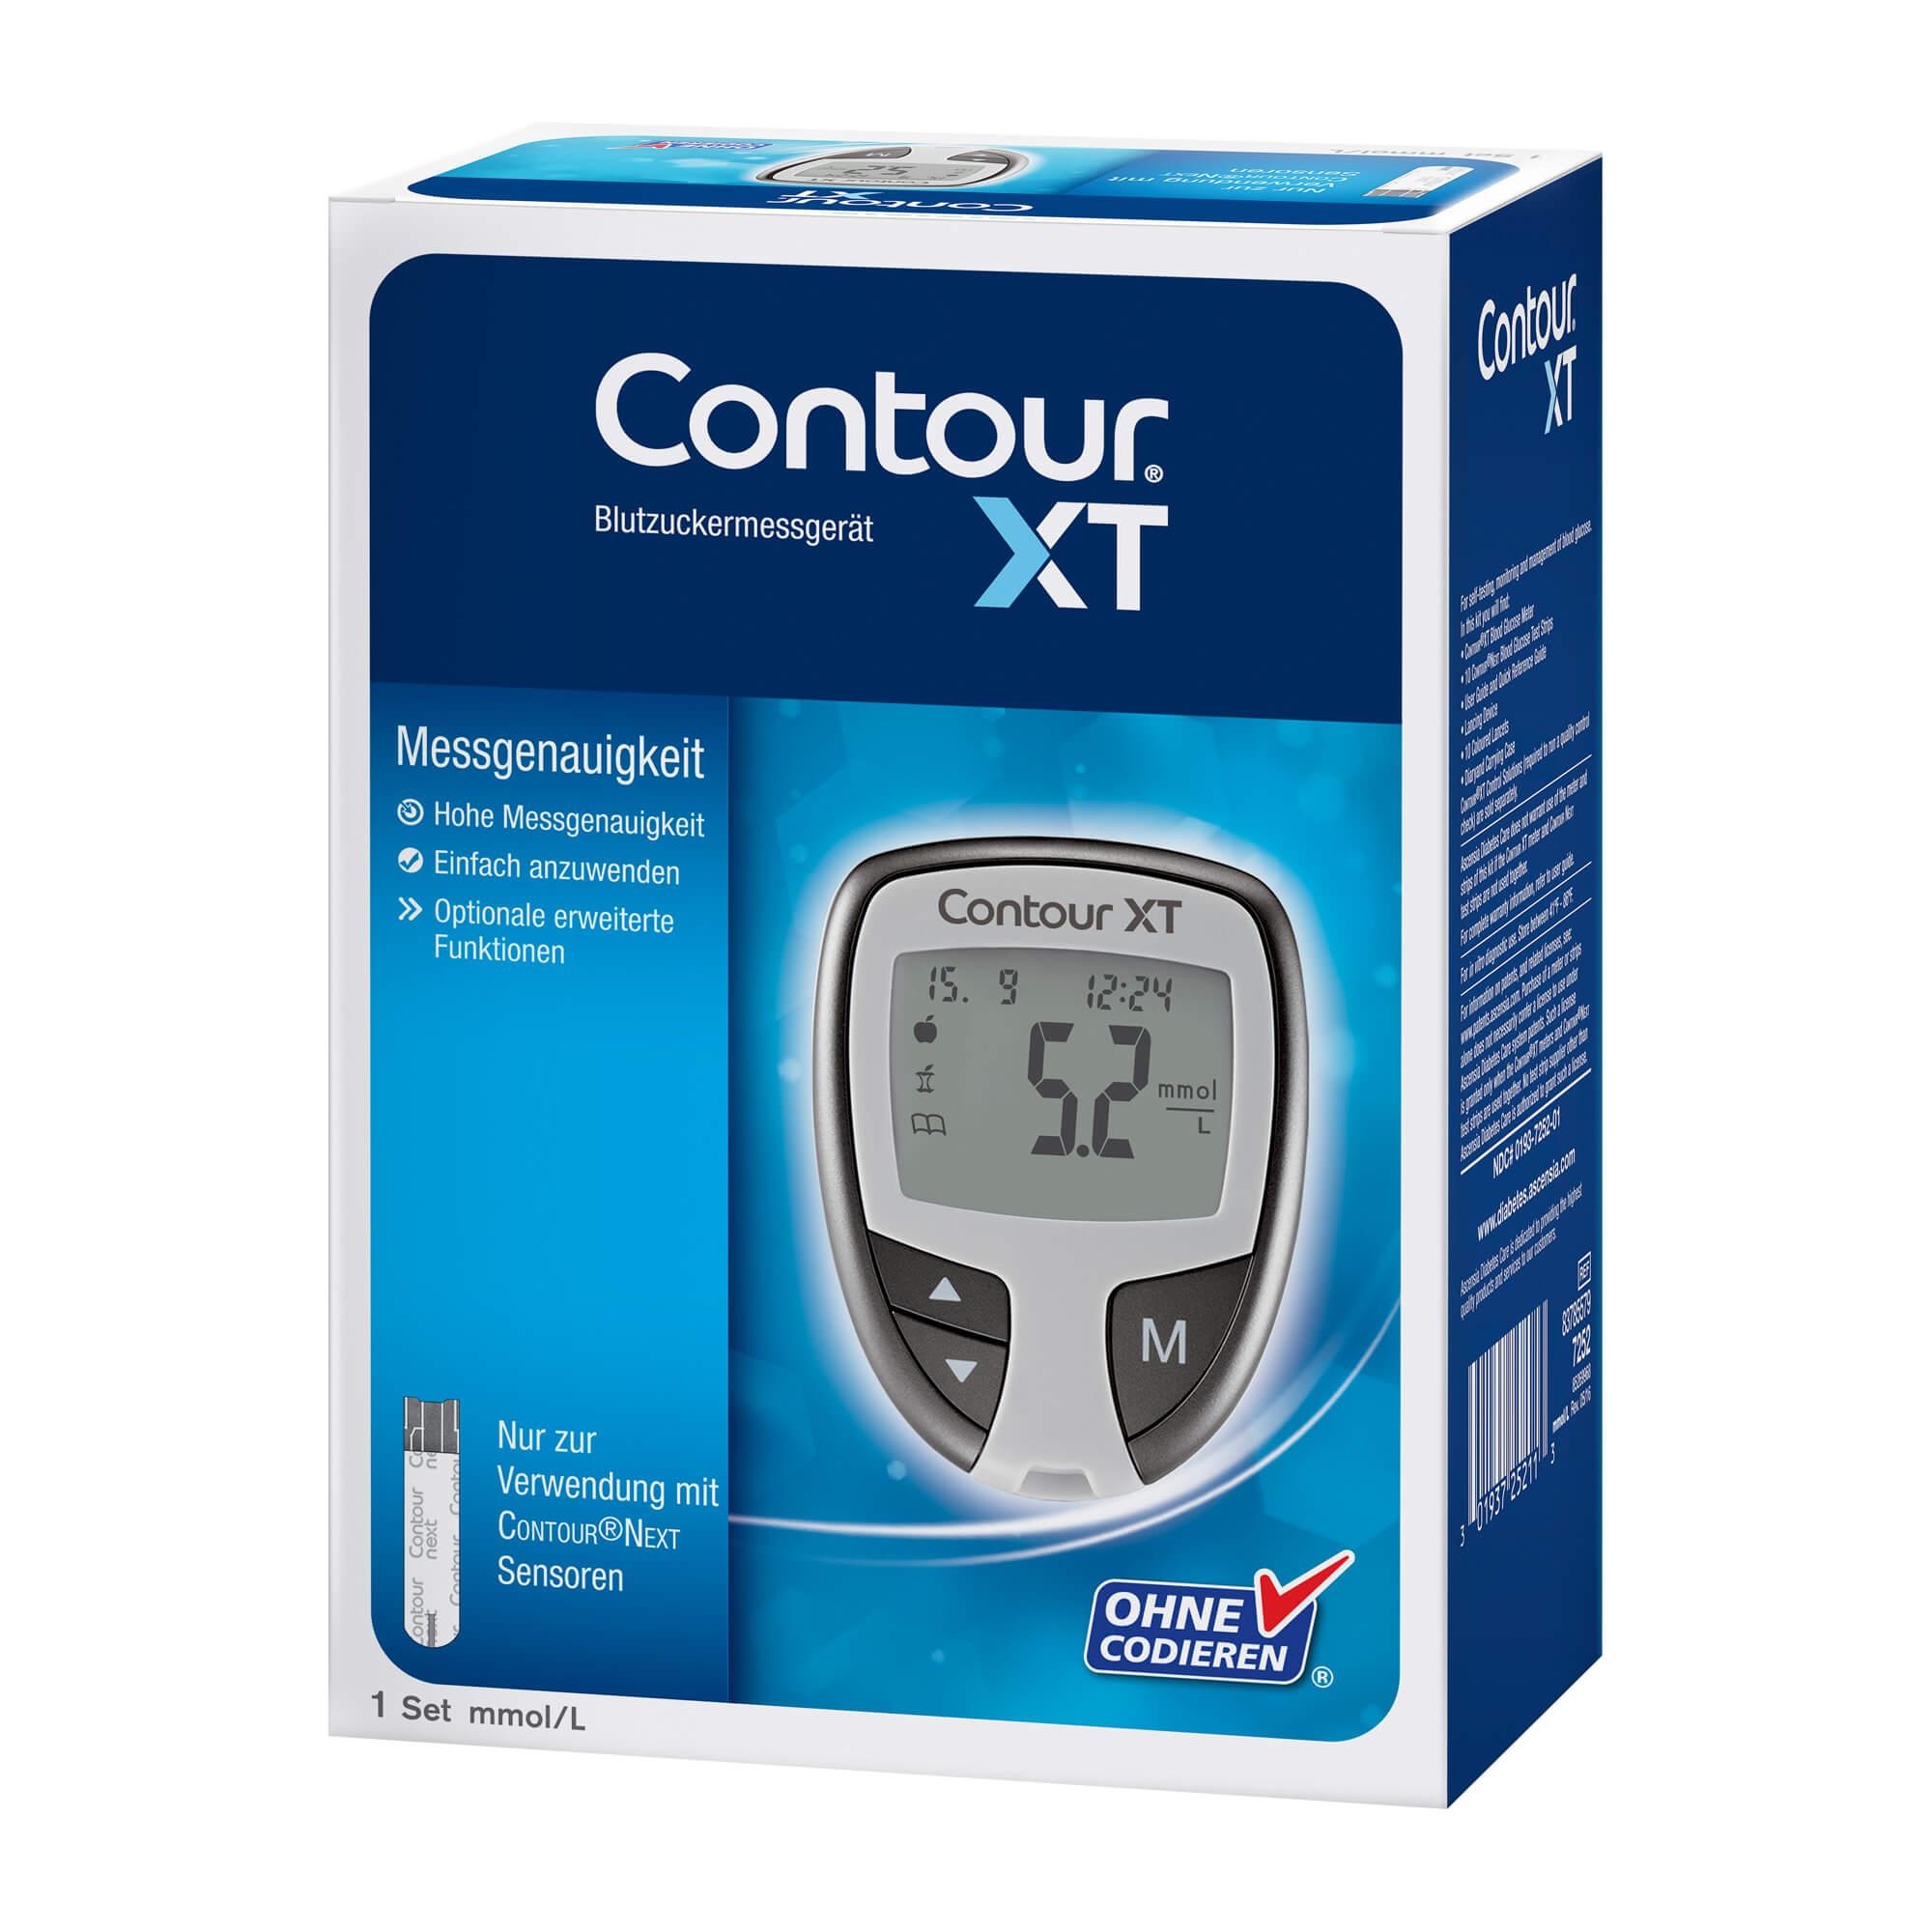 Contour XT Set Blutzuckermessgerät mmol/L